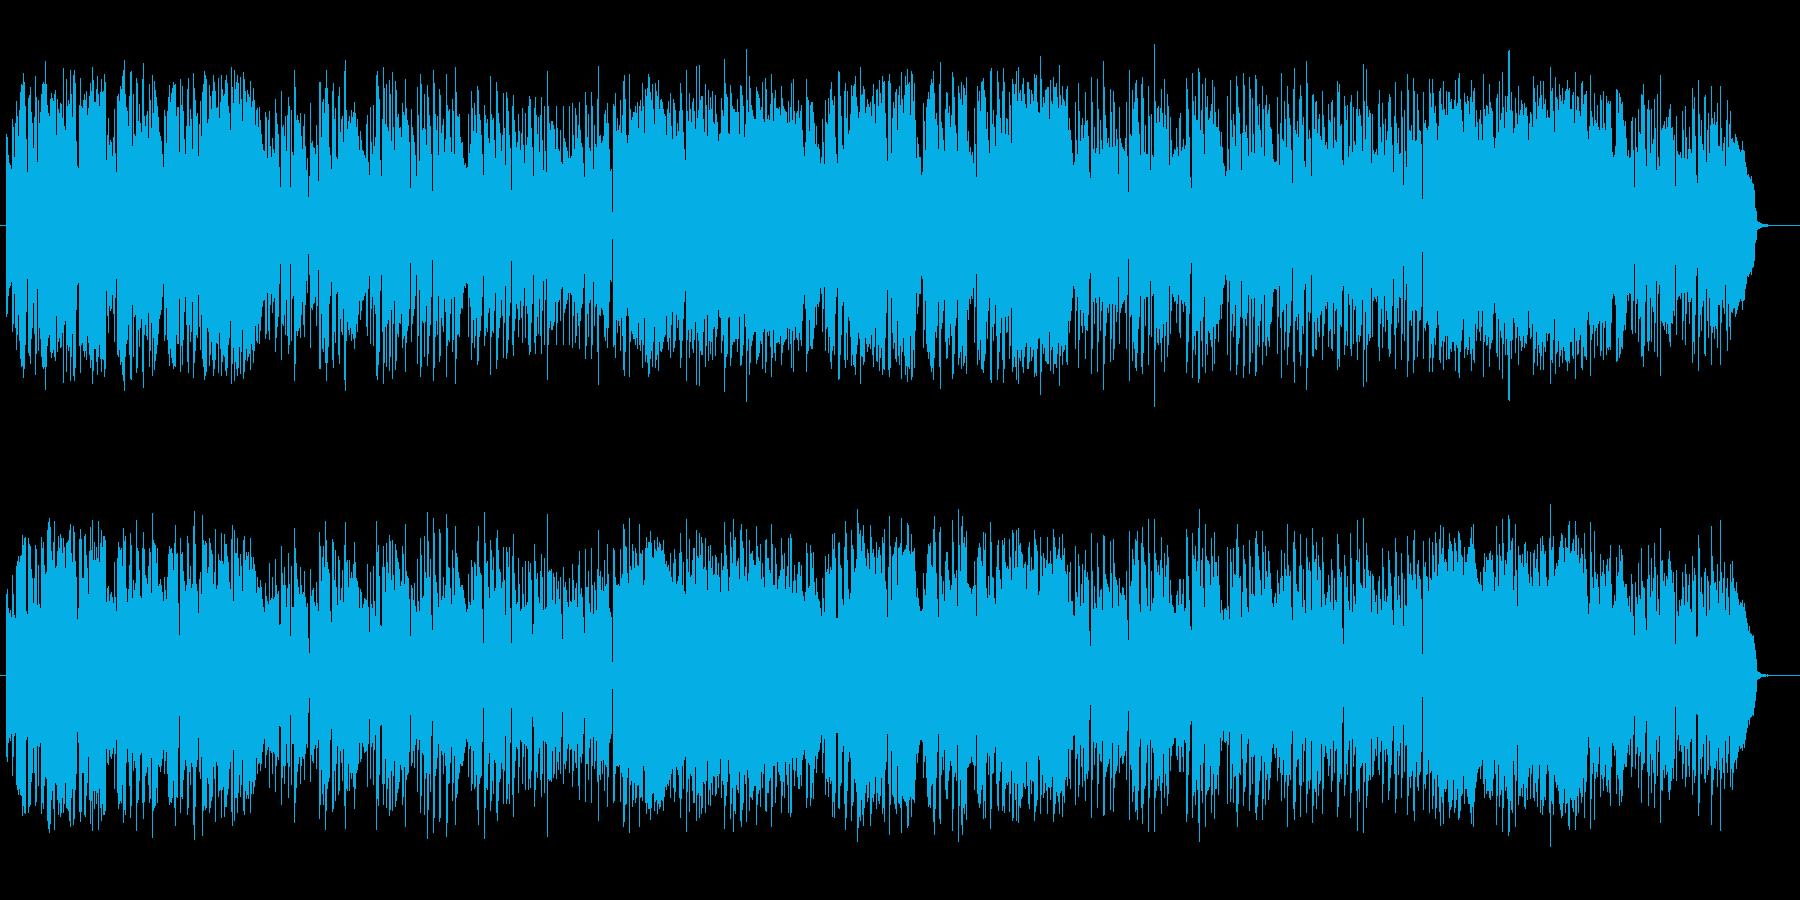 ミステリアスな懐かしいシンセサイザーの曲の再生済みの波形